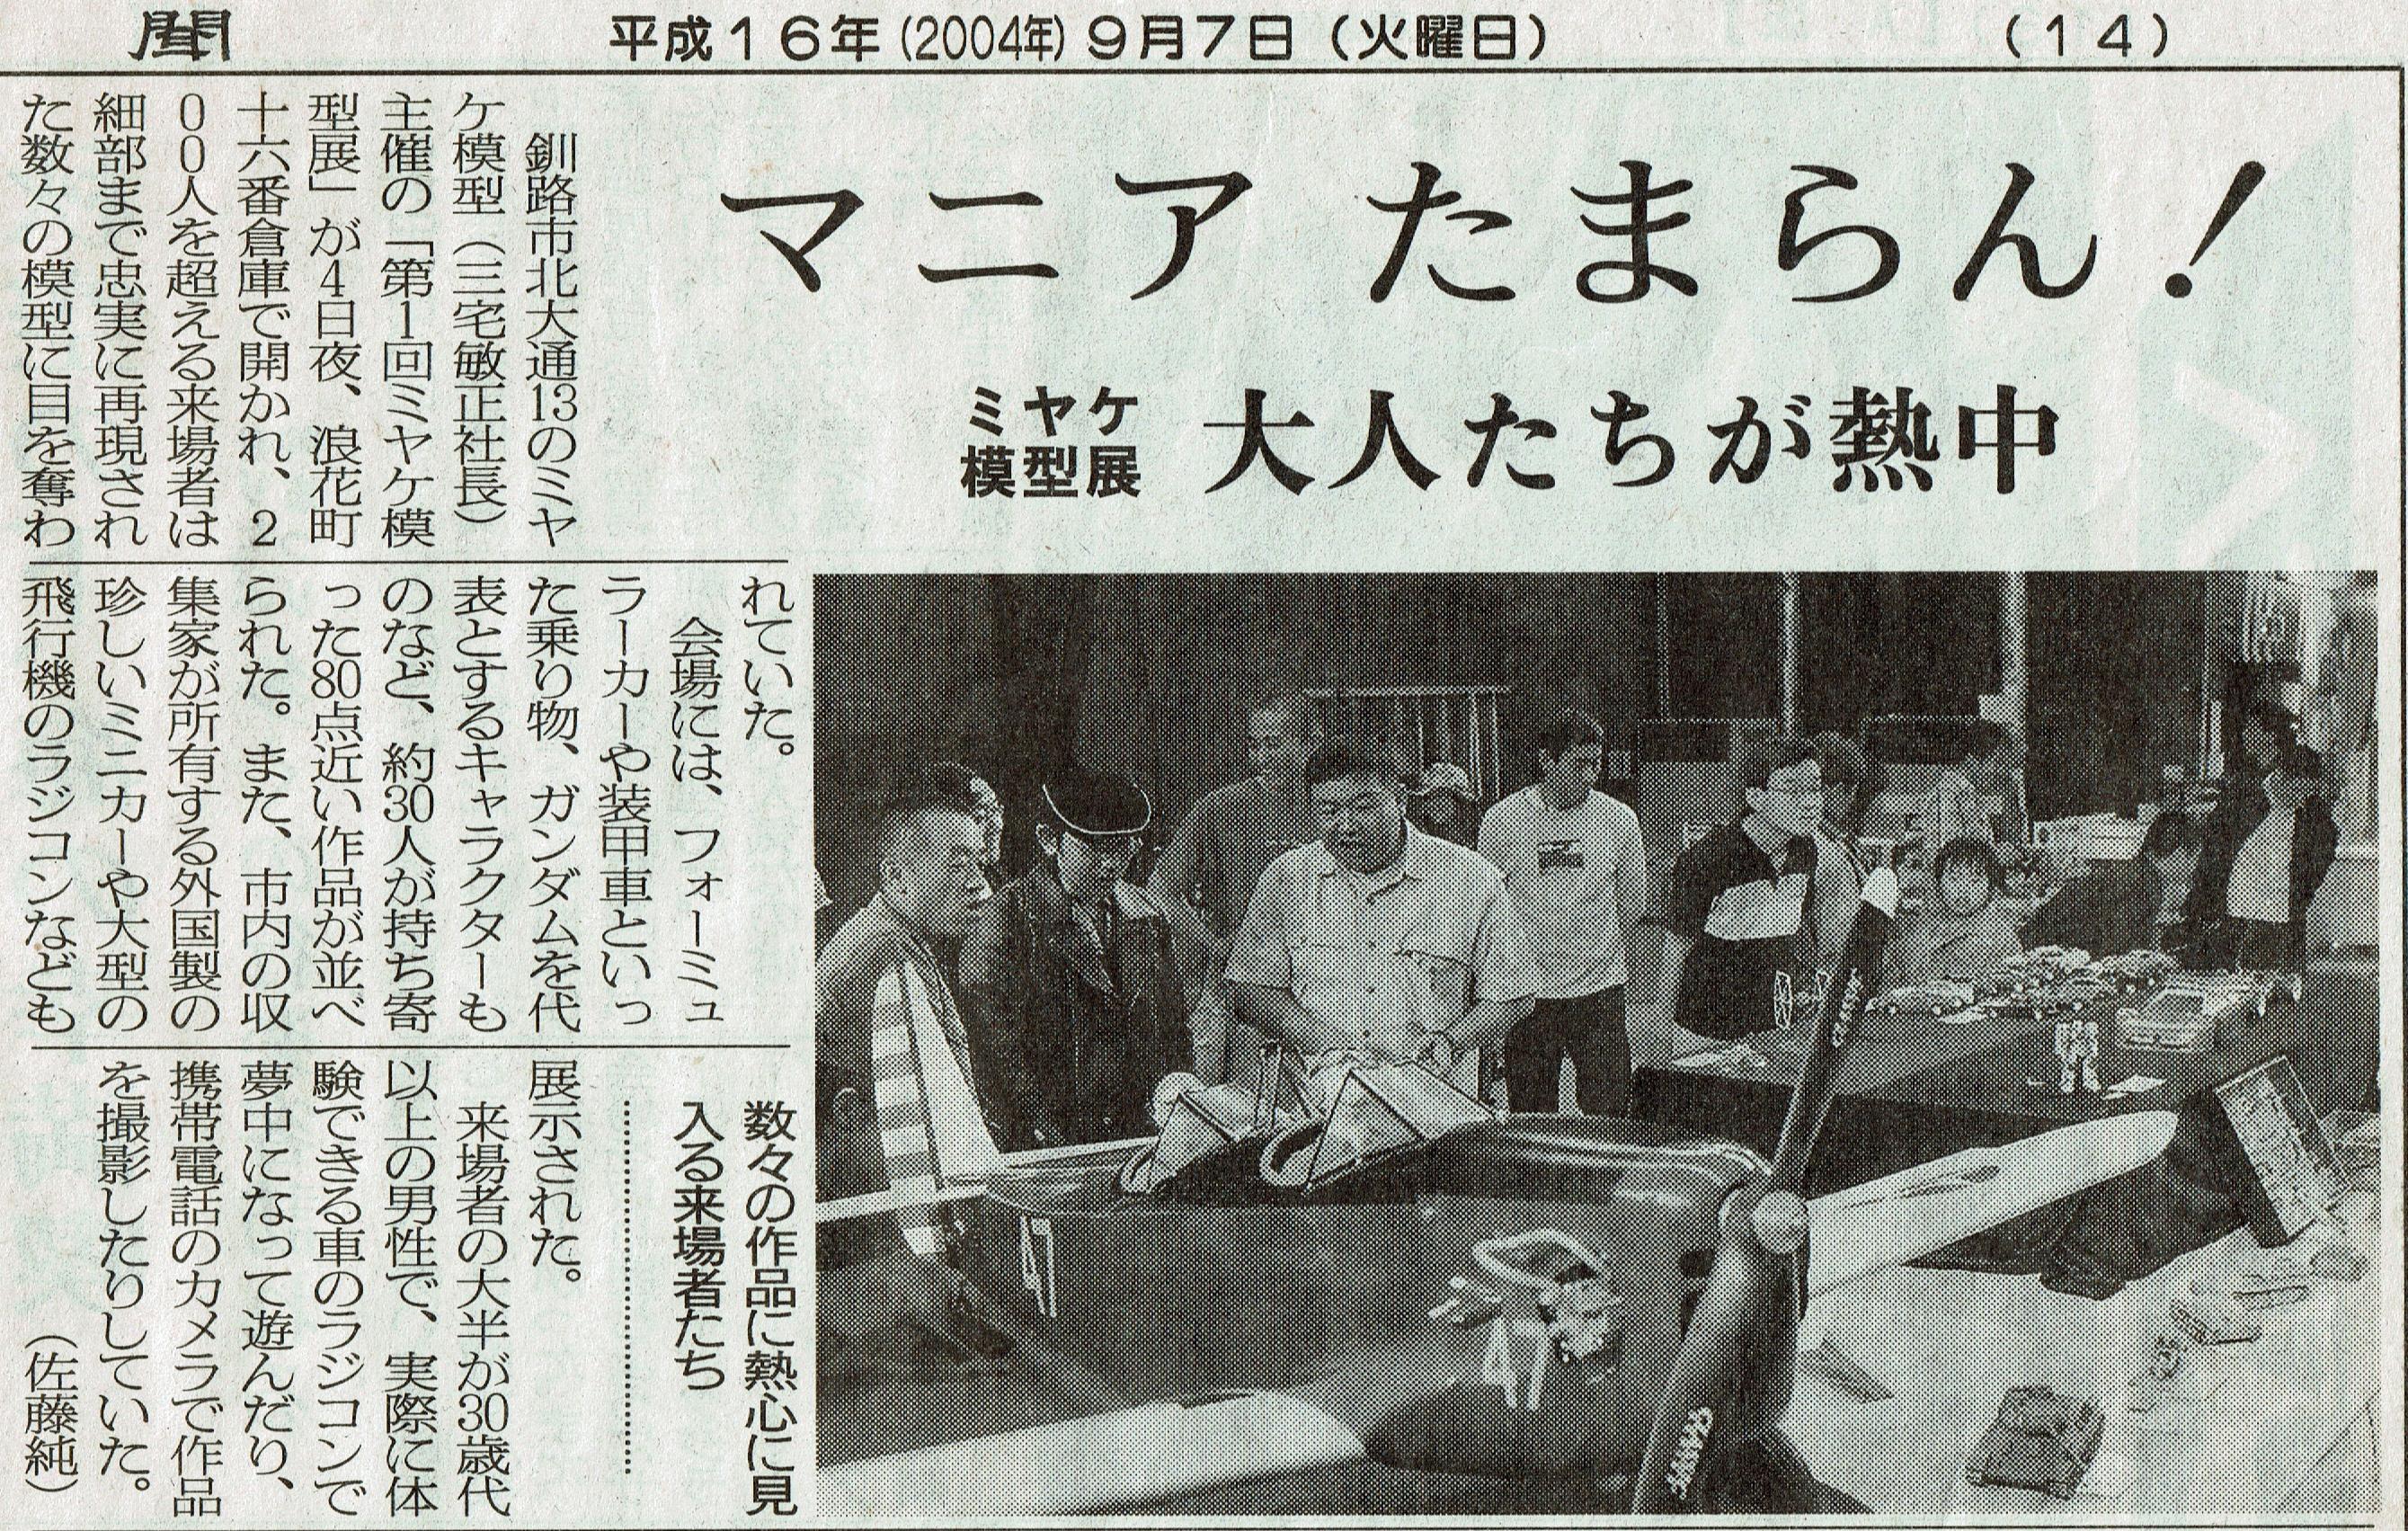 2004-9-7釧路新聞